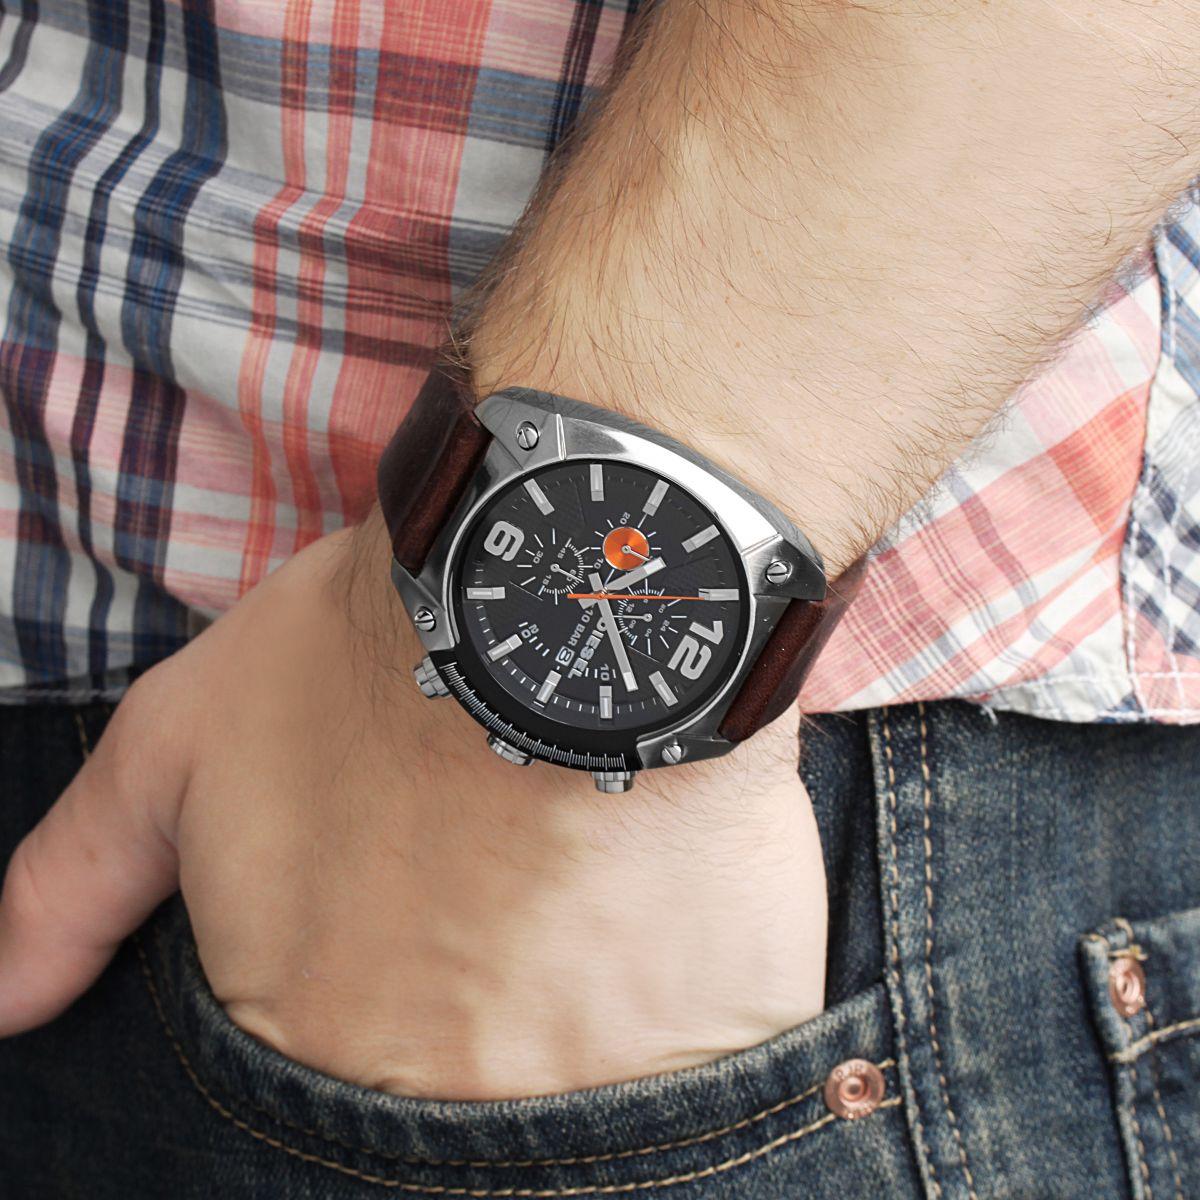 EspaolPeatix Adidas Reloj Reloj Adp6005 Manual Adp6005 Adidas tsQBxhrCd